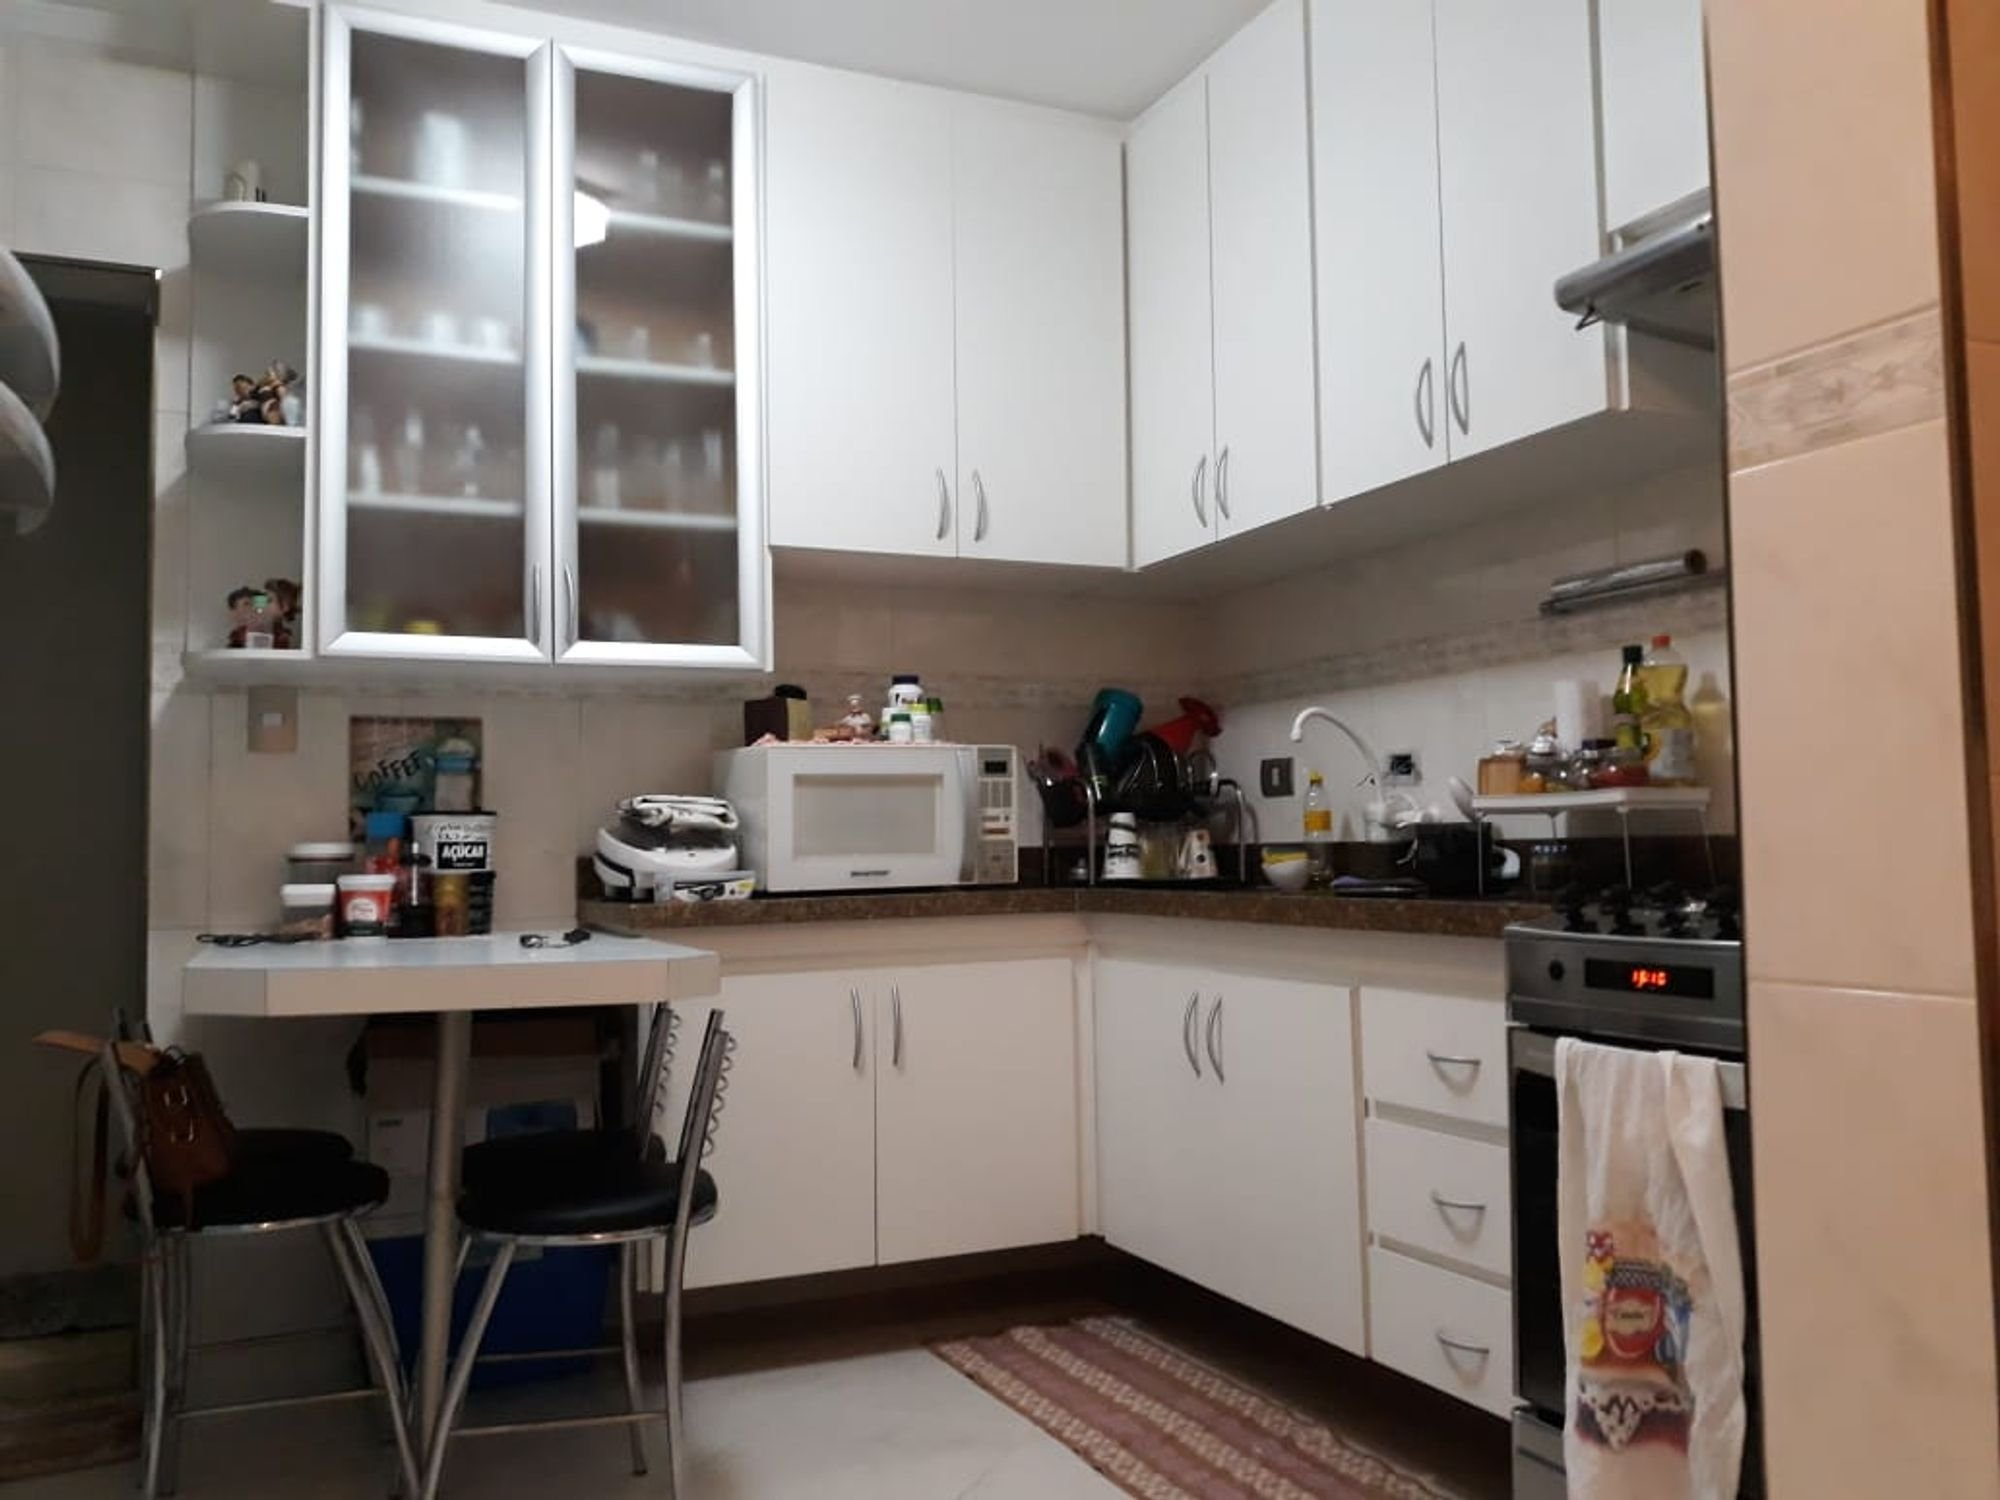 Foto de Cozinha com garrafa, forno, cadeira, microondas, xícara